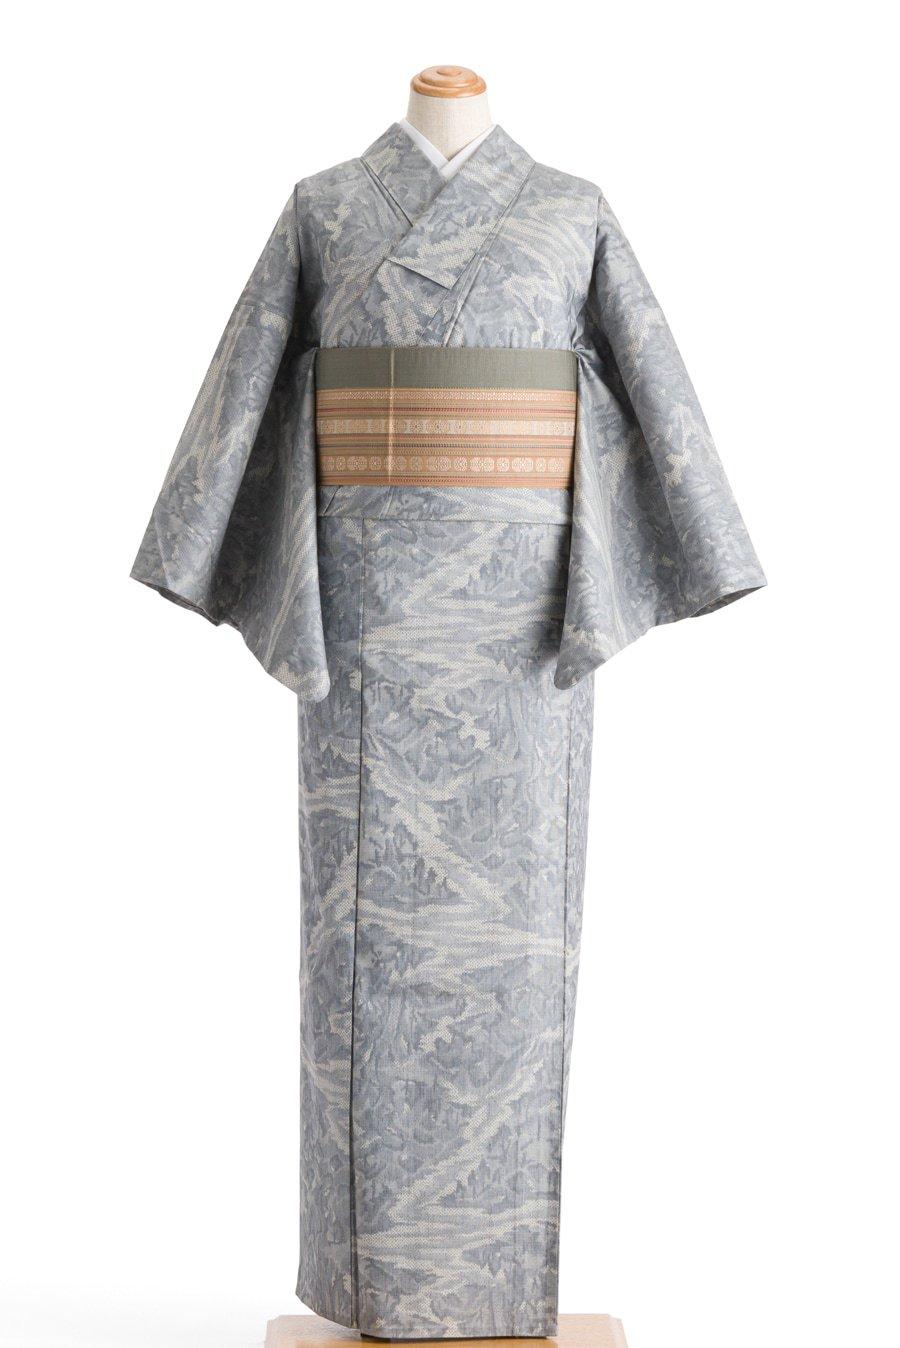 「単衣 紬 山水画」の商品画像